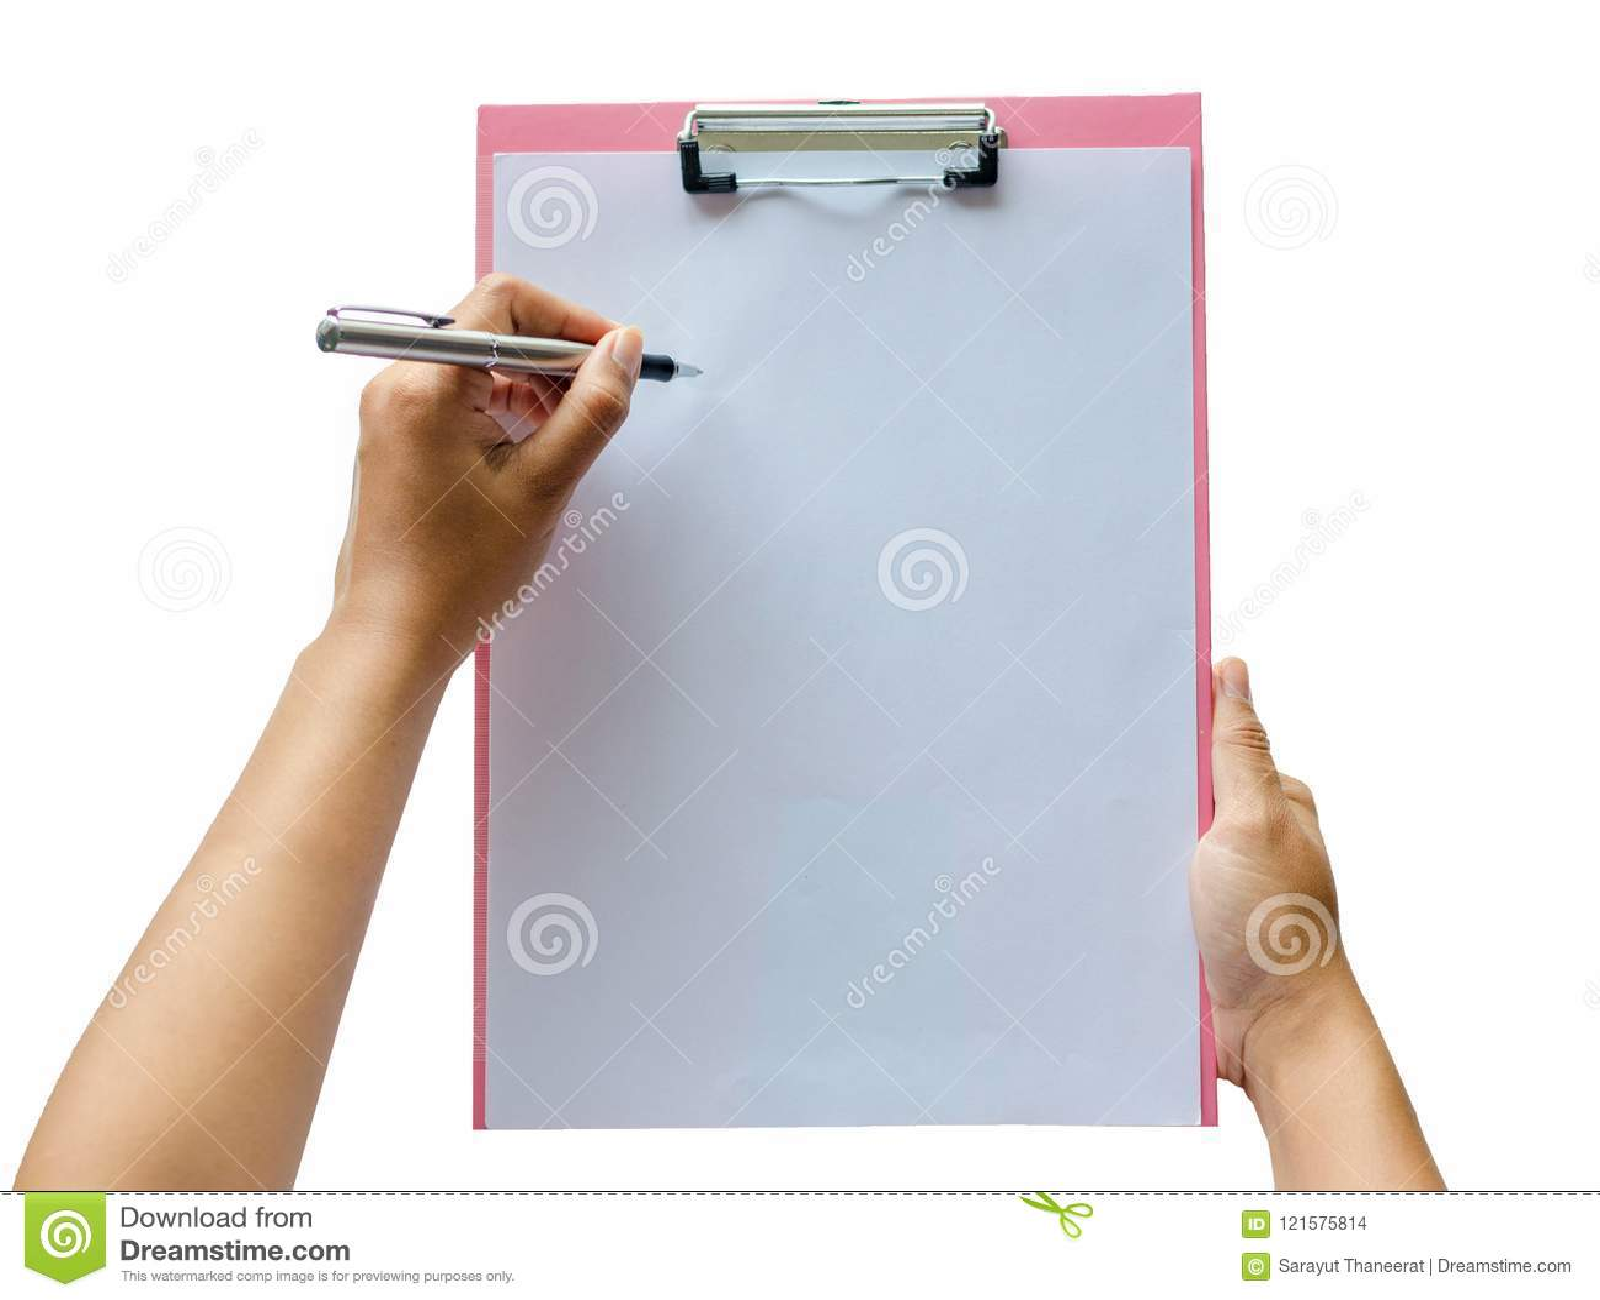 Notizbuch und Stift in der Hand Auf weißem Hintergrund